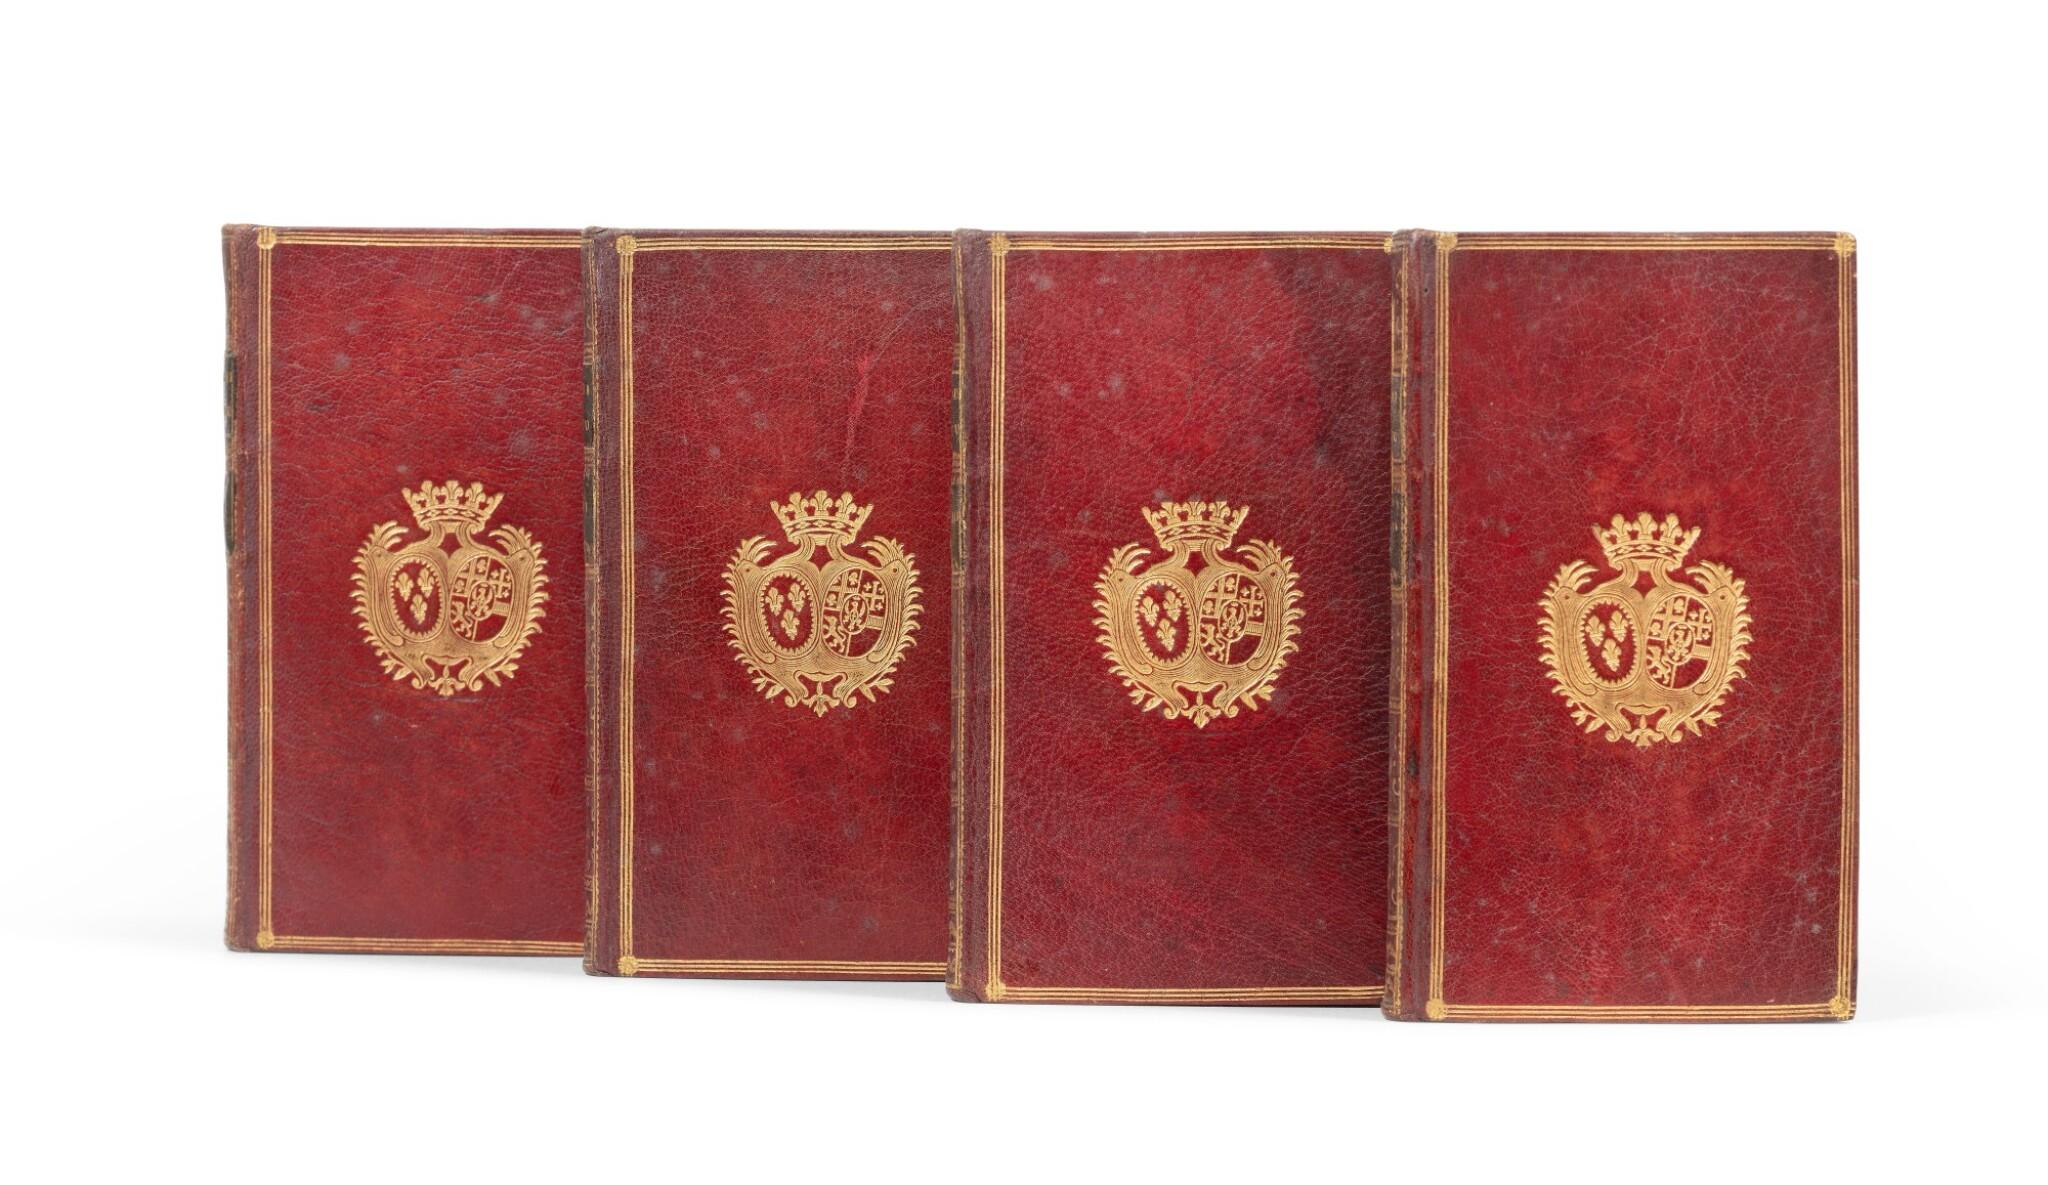 View full screen - View 1 of Lot 82. Le Paradis perdu. Paris, 1765. 4 vol in-12. Maroquin rouge, aux armes de la comtesse de Provence..